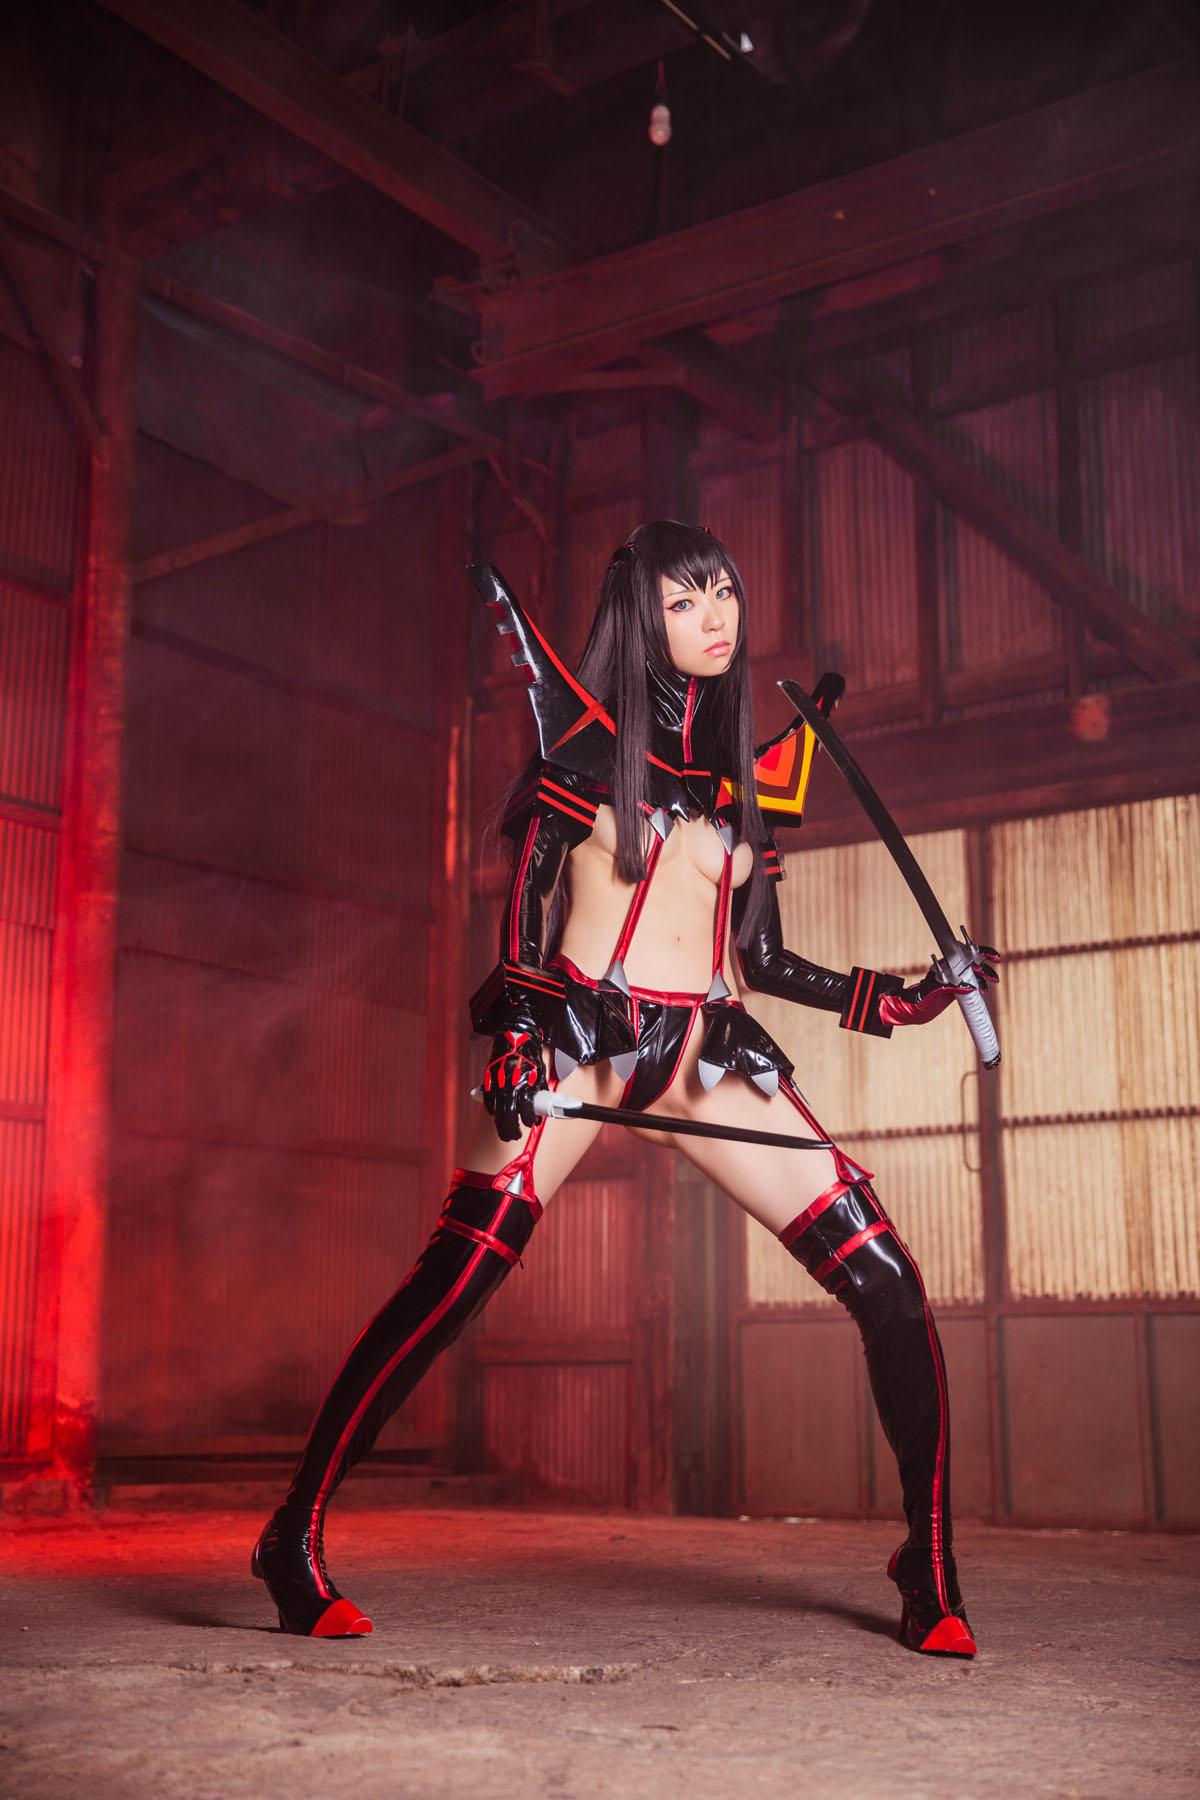 Kill la Kill Satsuki Kiryuuin anime cosplay by Mikehouse 0026